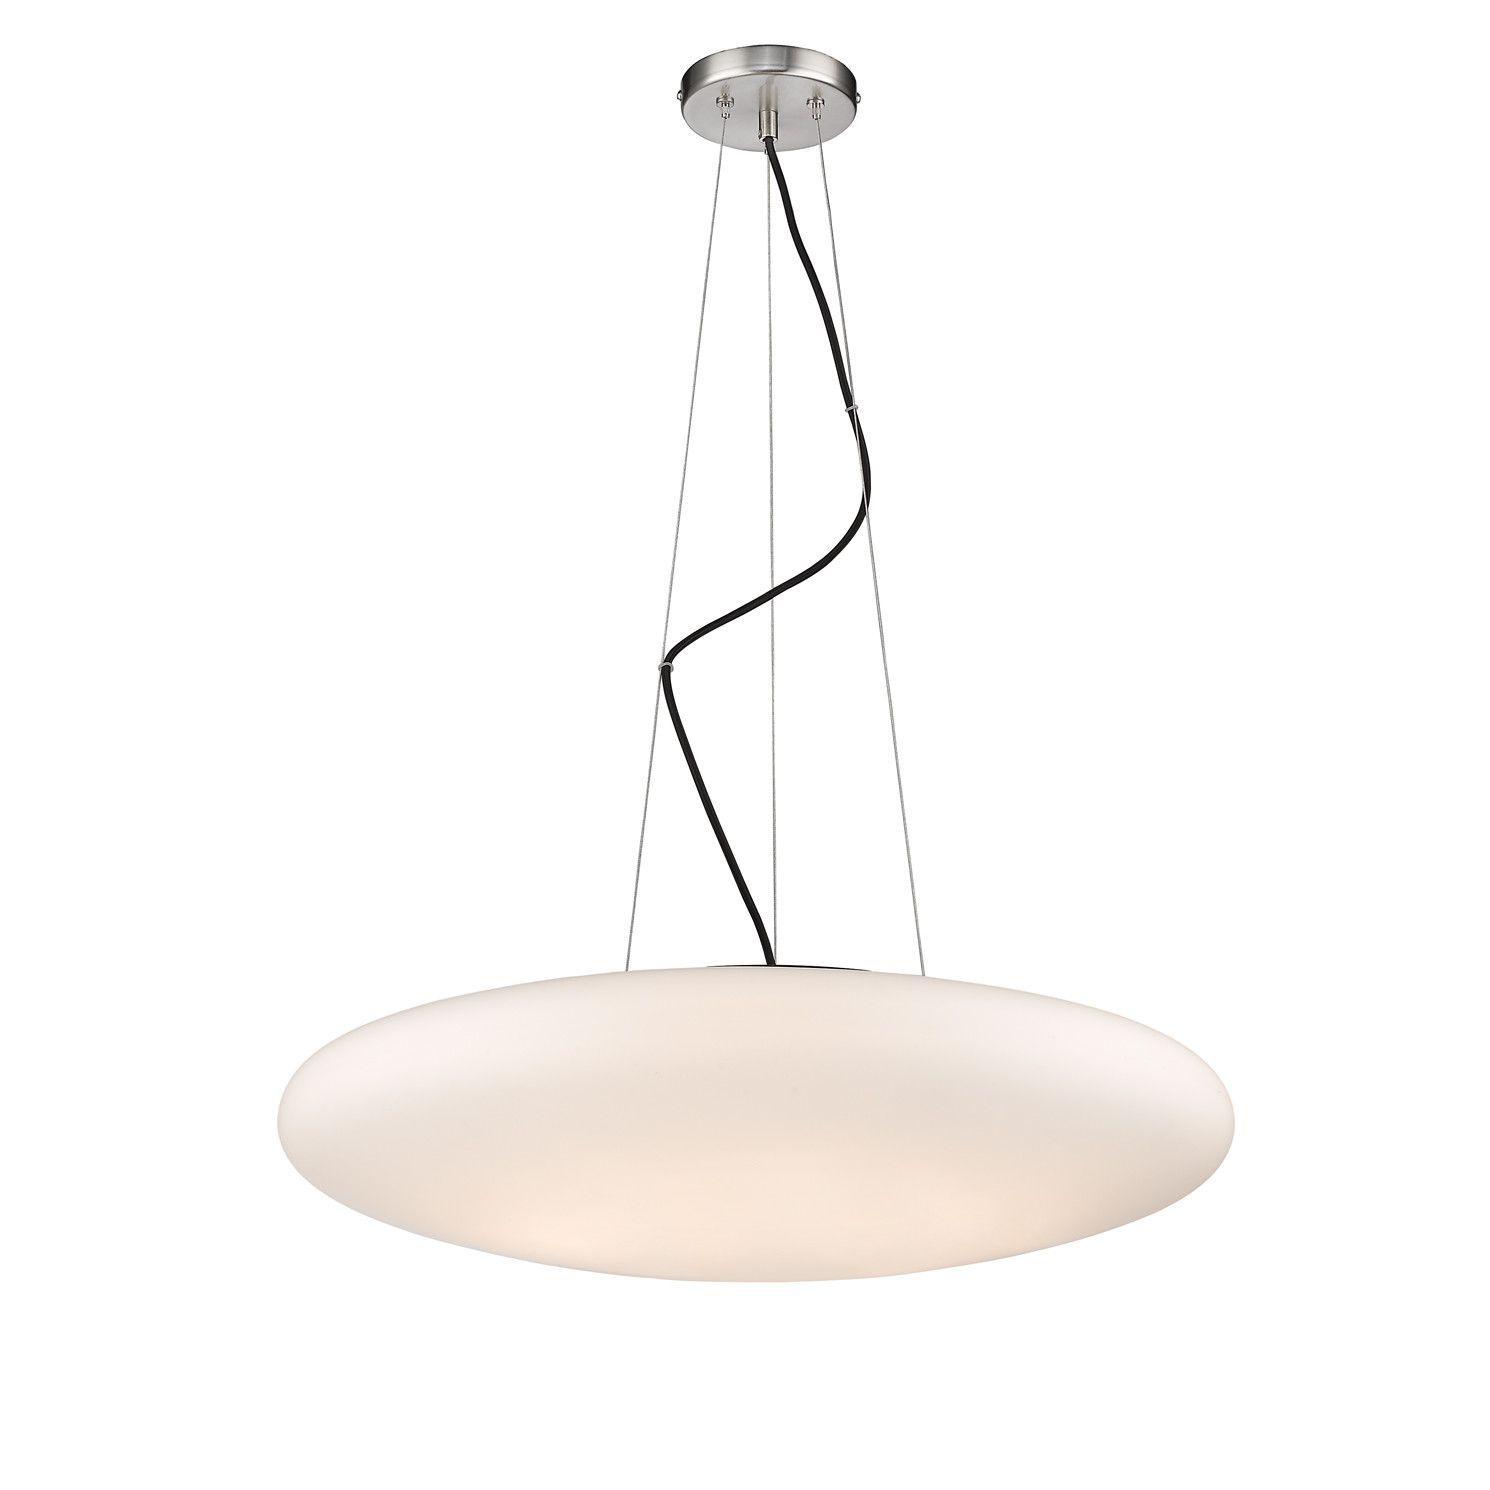 Melendy 5 Light Inverted Pendant